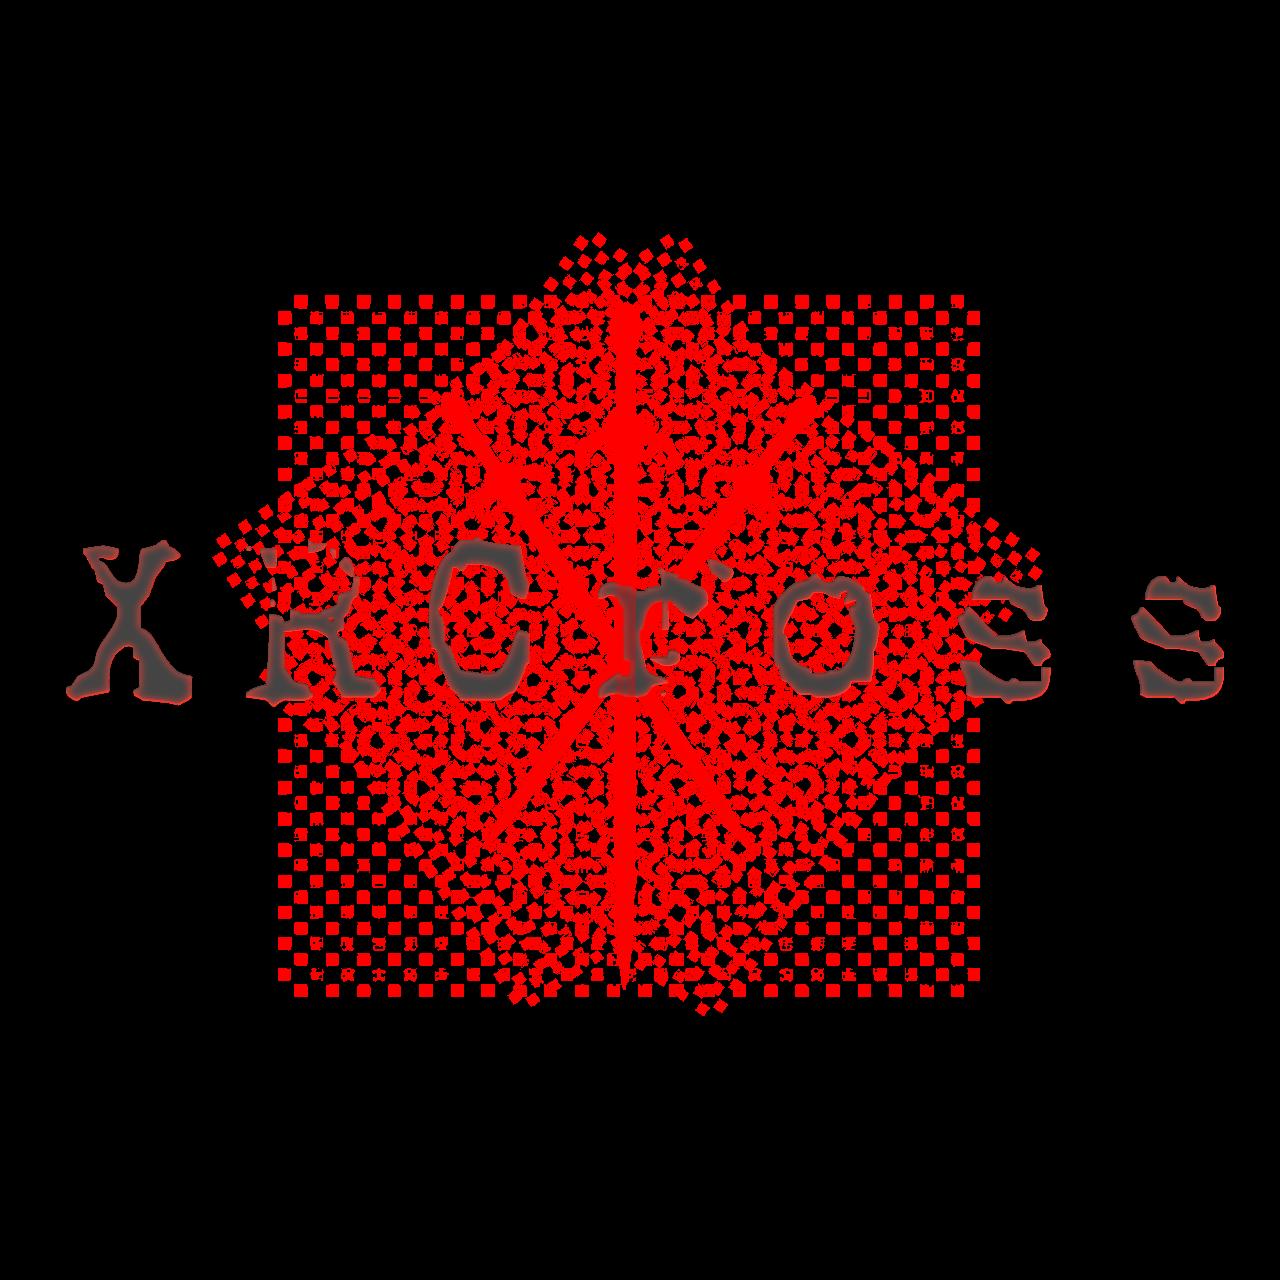 Tools: XRCROSS (Recon)